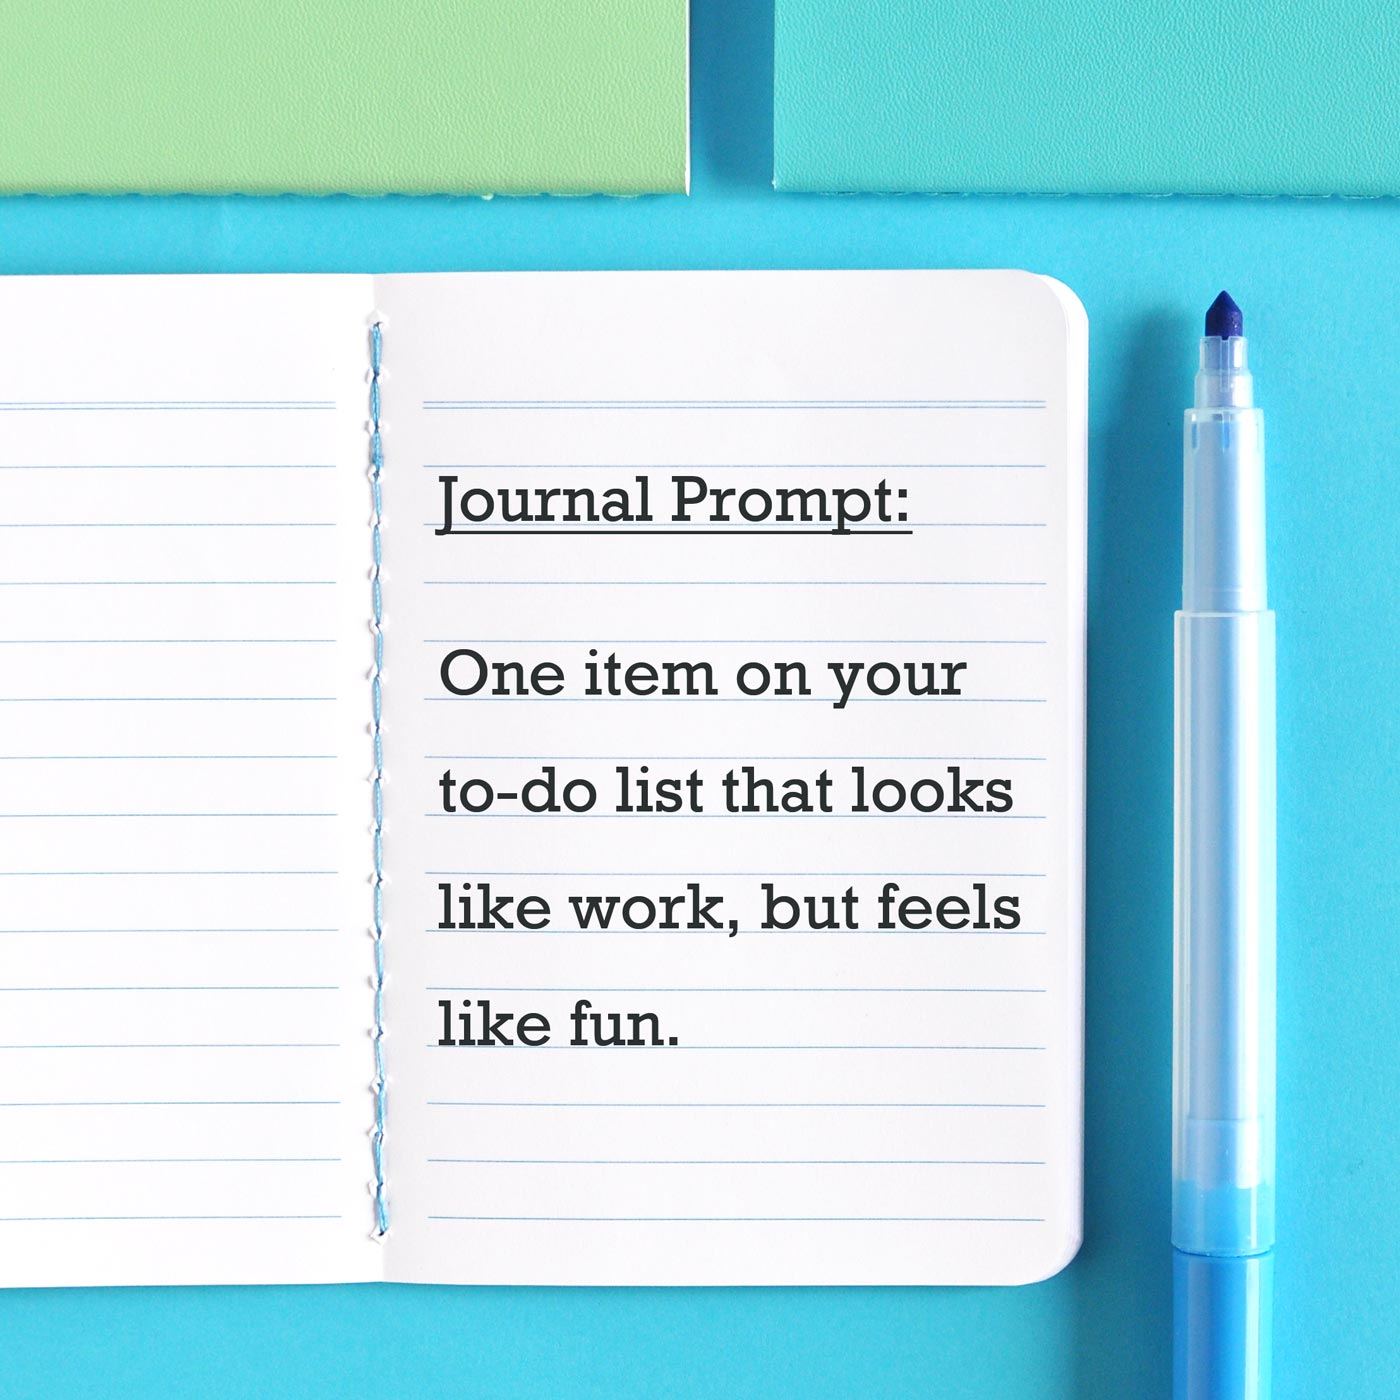 22-01-2018---Journal-prompt-by-Christie-Zimmer.jpg